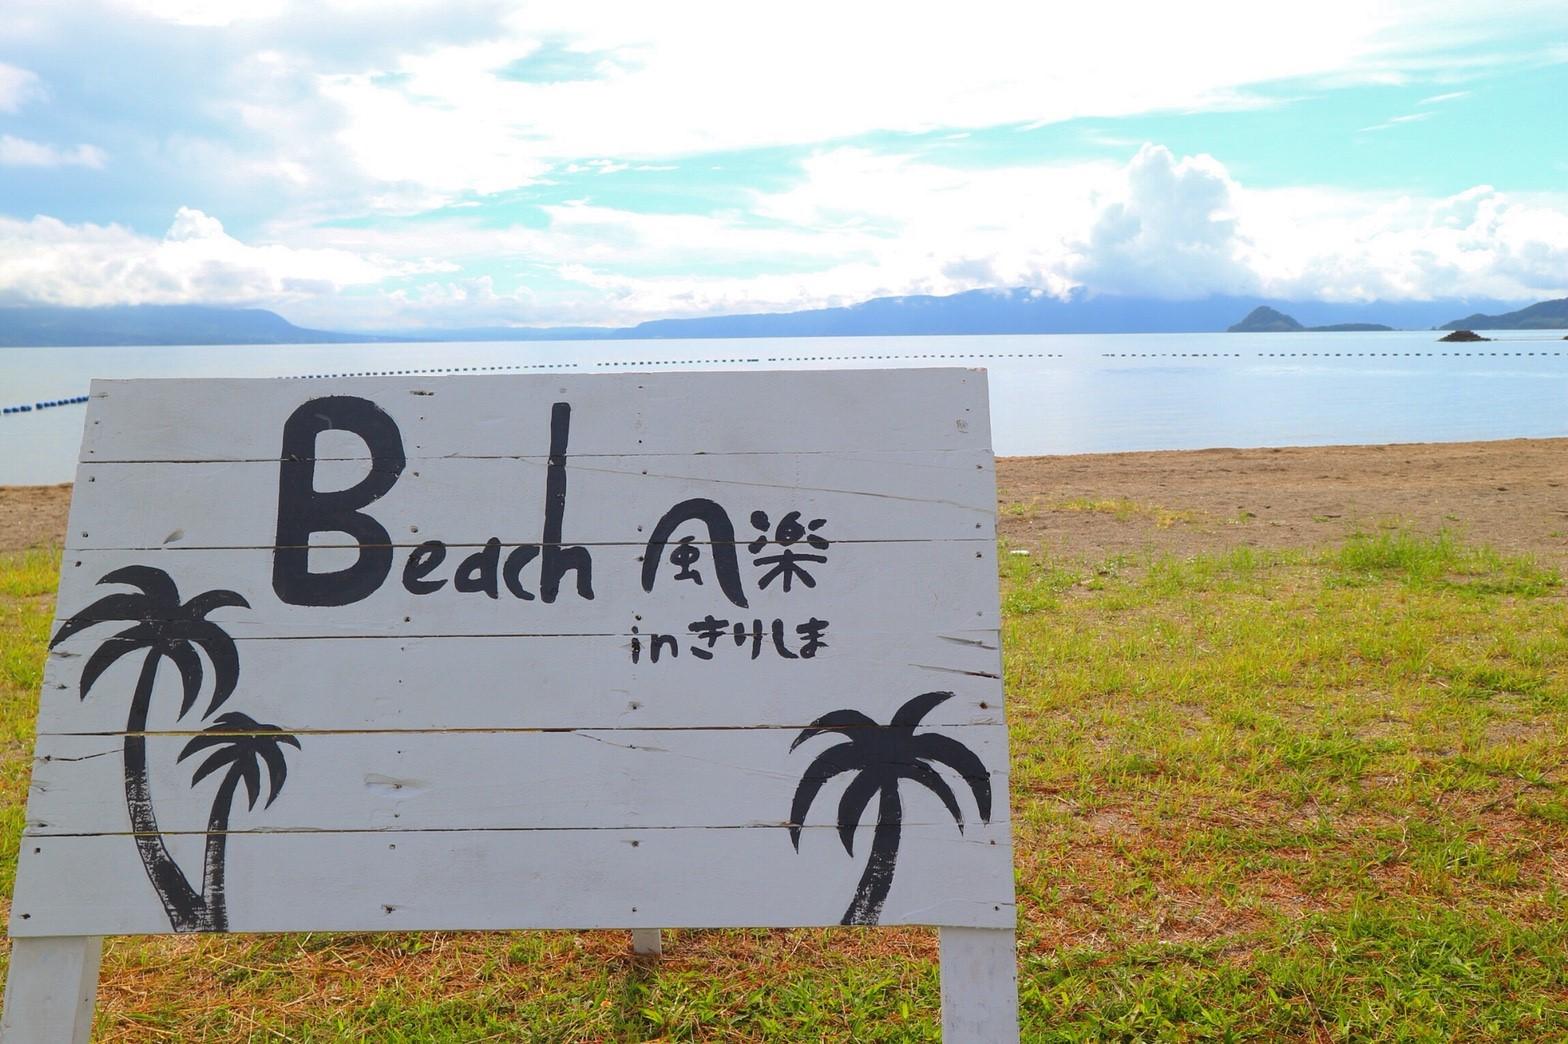 Beach風楽in霧島の看板